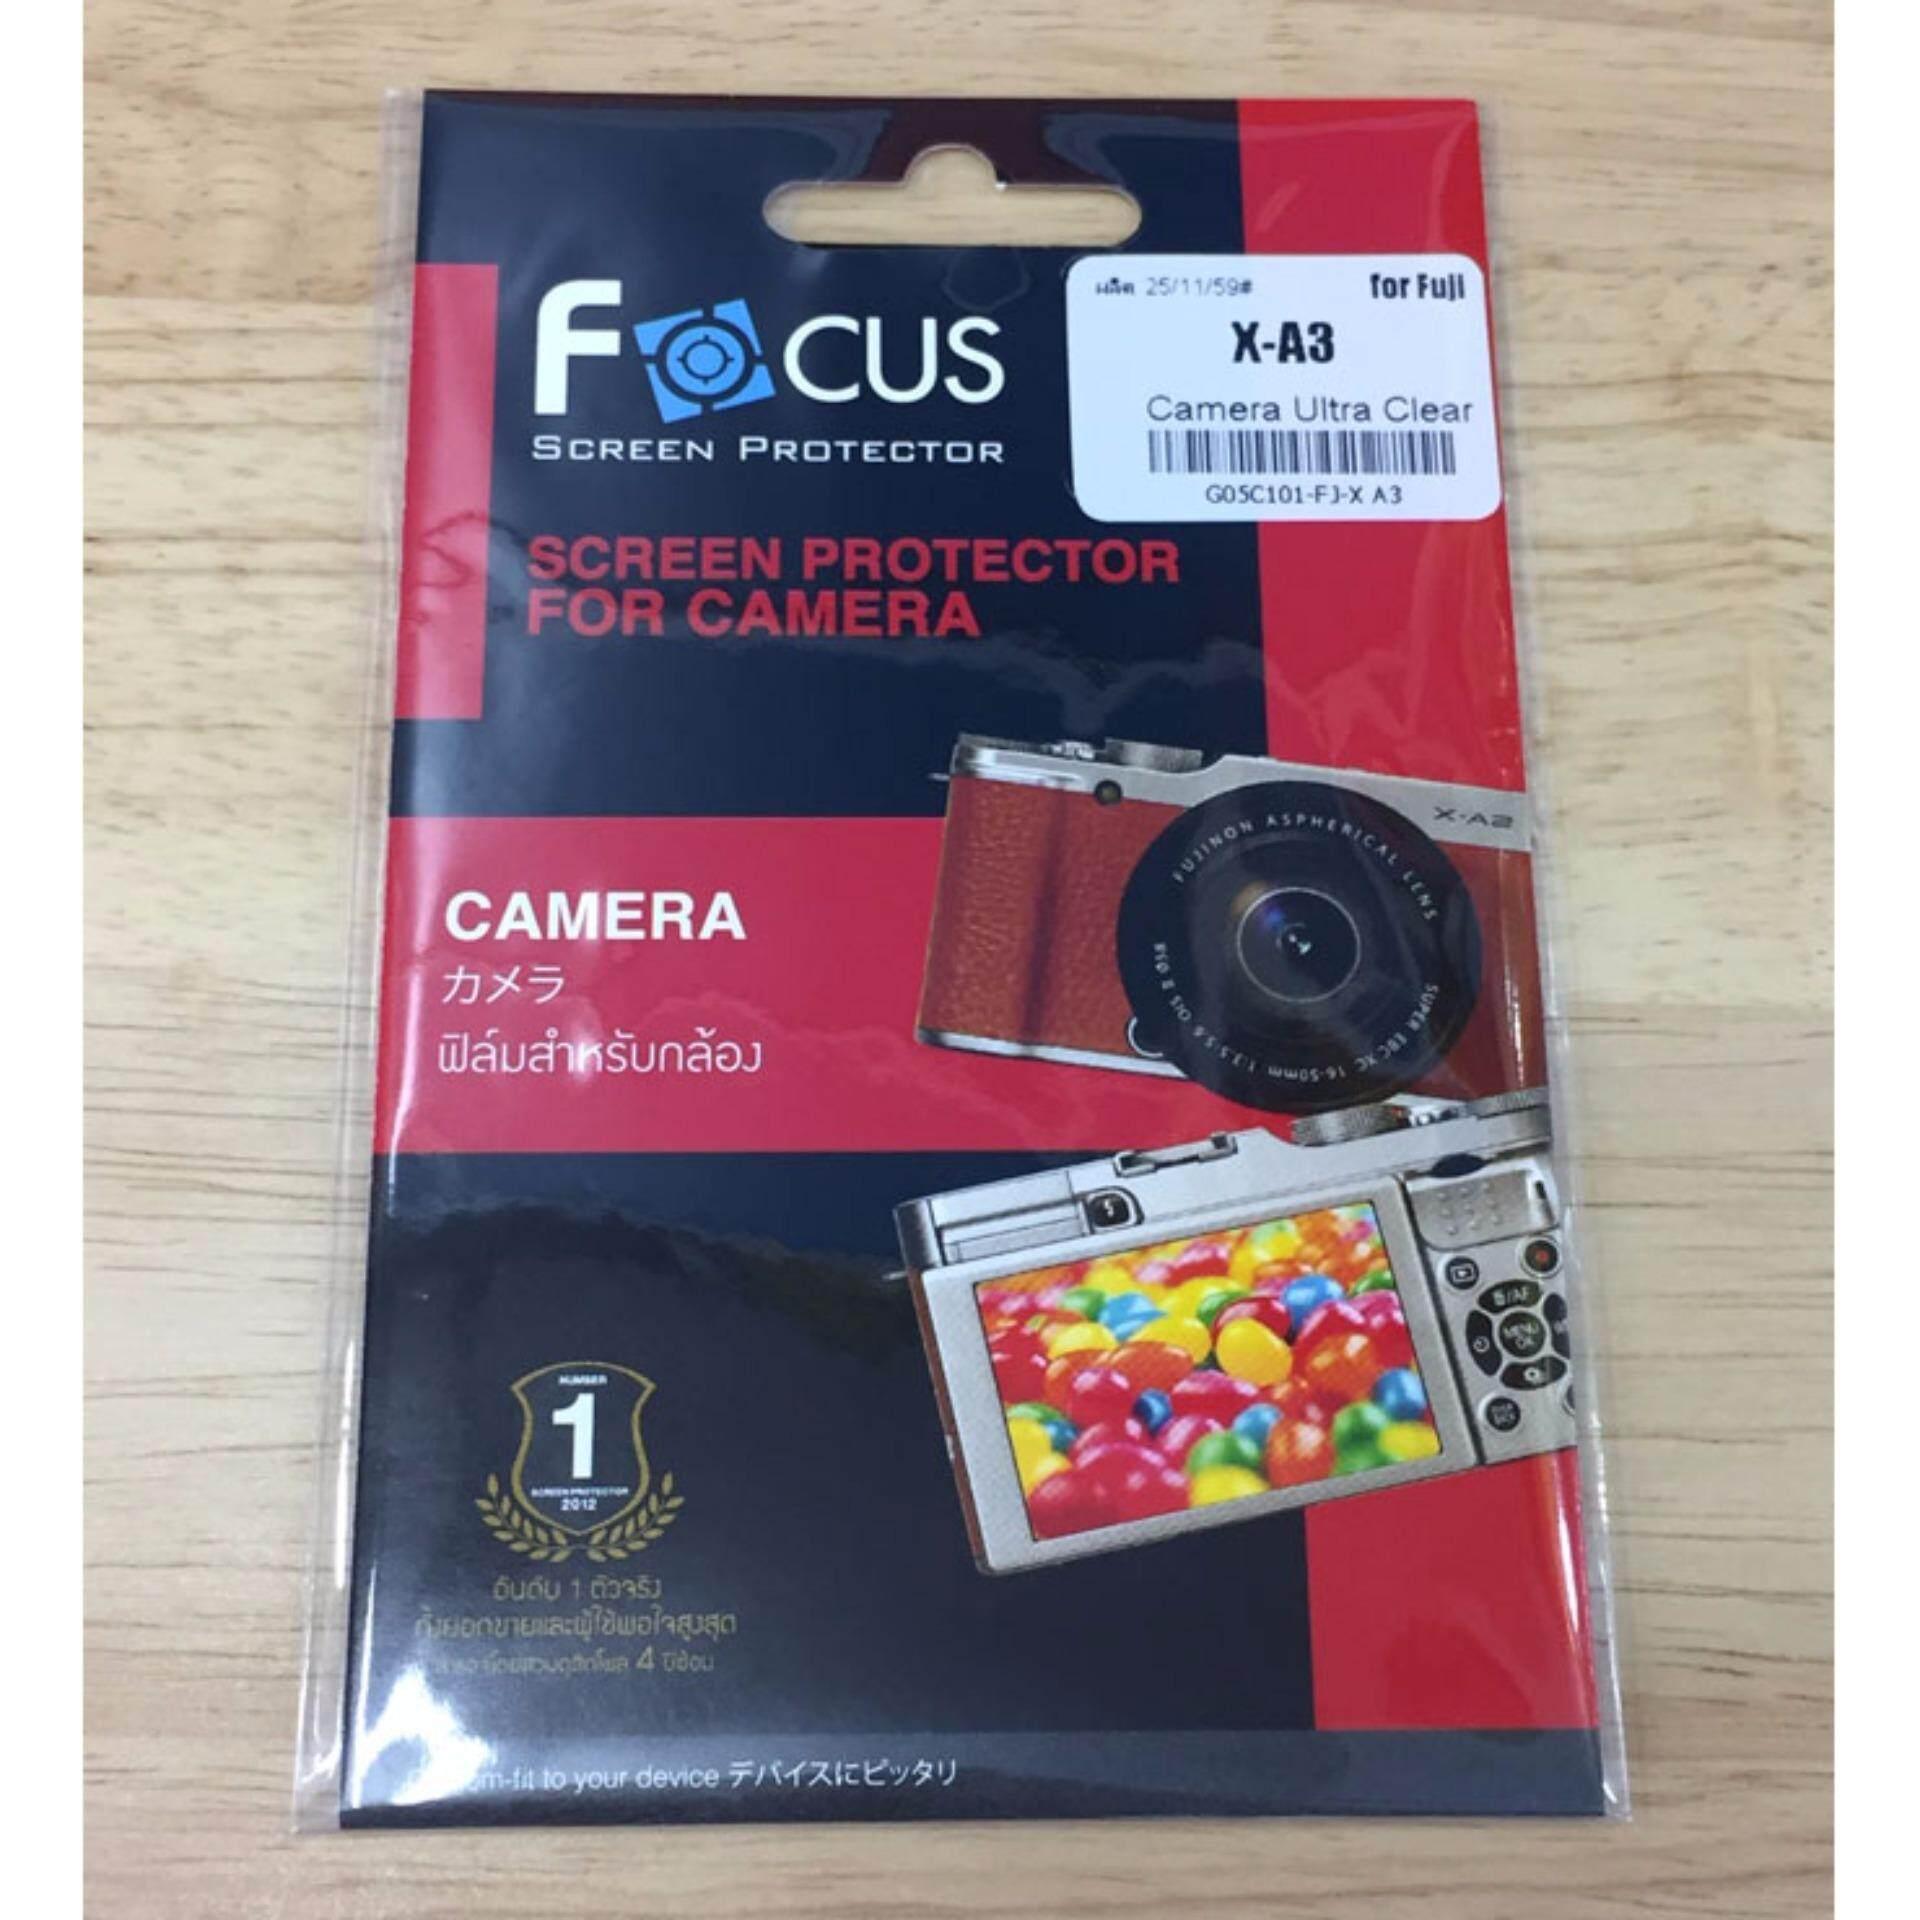 Focus ฟิล์มกันรอยหน้าจอแบบใส รุ่น Fuji X-A3